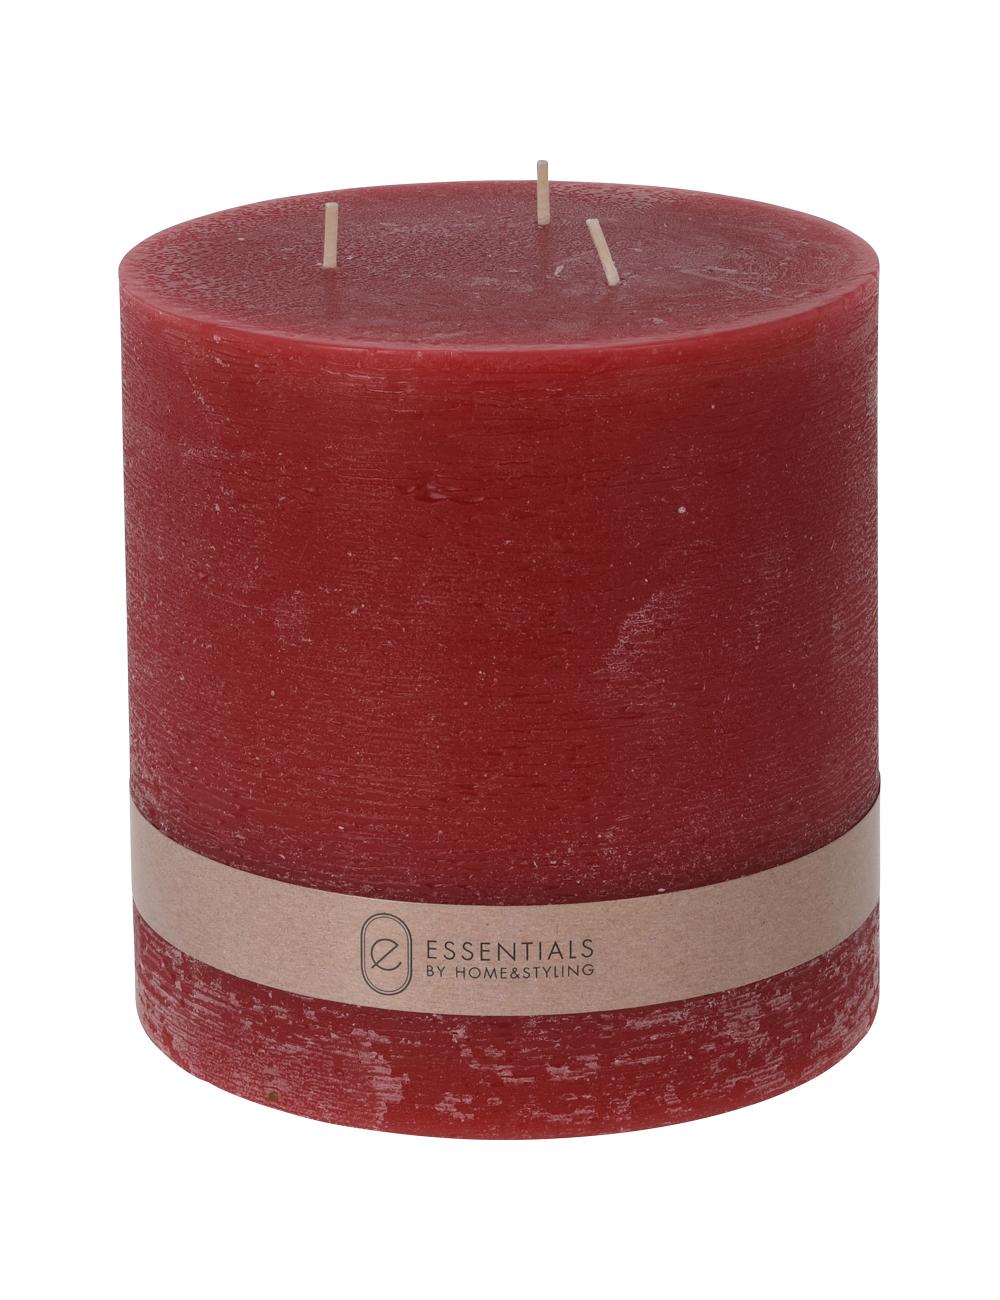 Tiroir de rangement pour capsules Nespresso Kitchencook, gris-noir